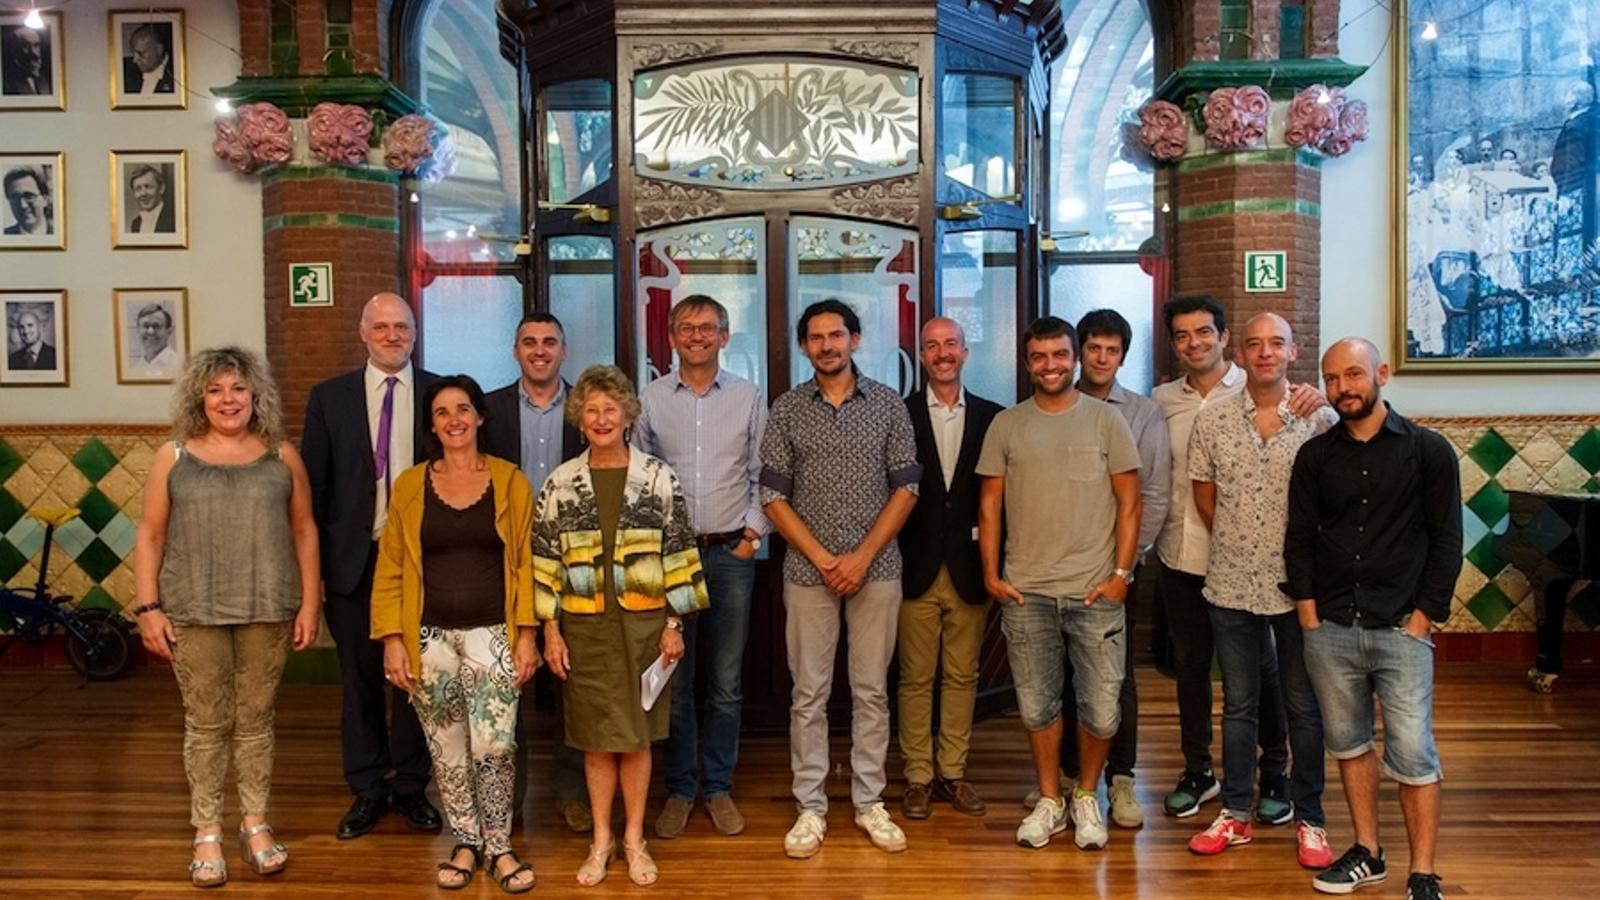 Representants del Palau de la Música amb alguns dels participant en el concert 'Considering Matthew Shepard' / A. Bofill (Palau de la Música)